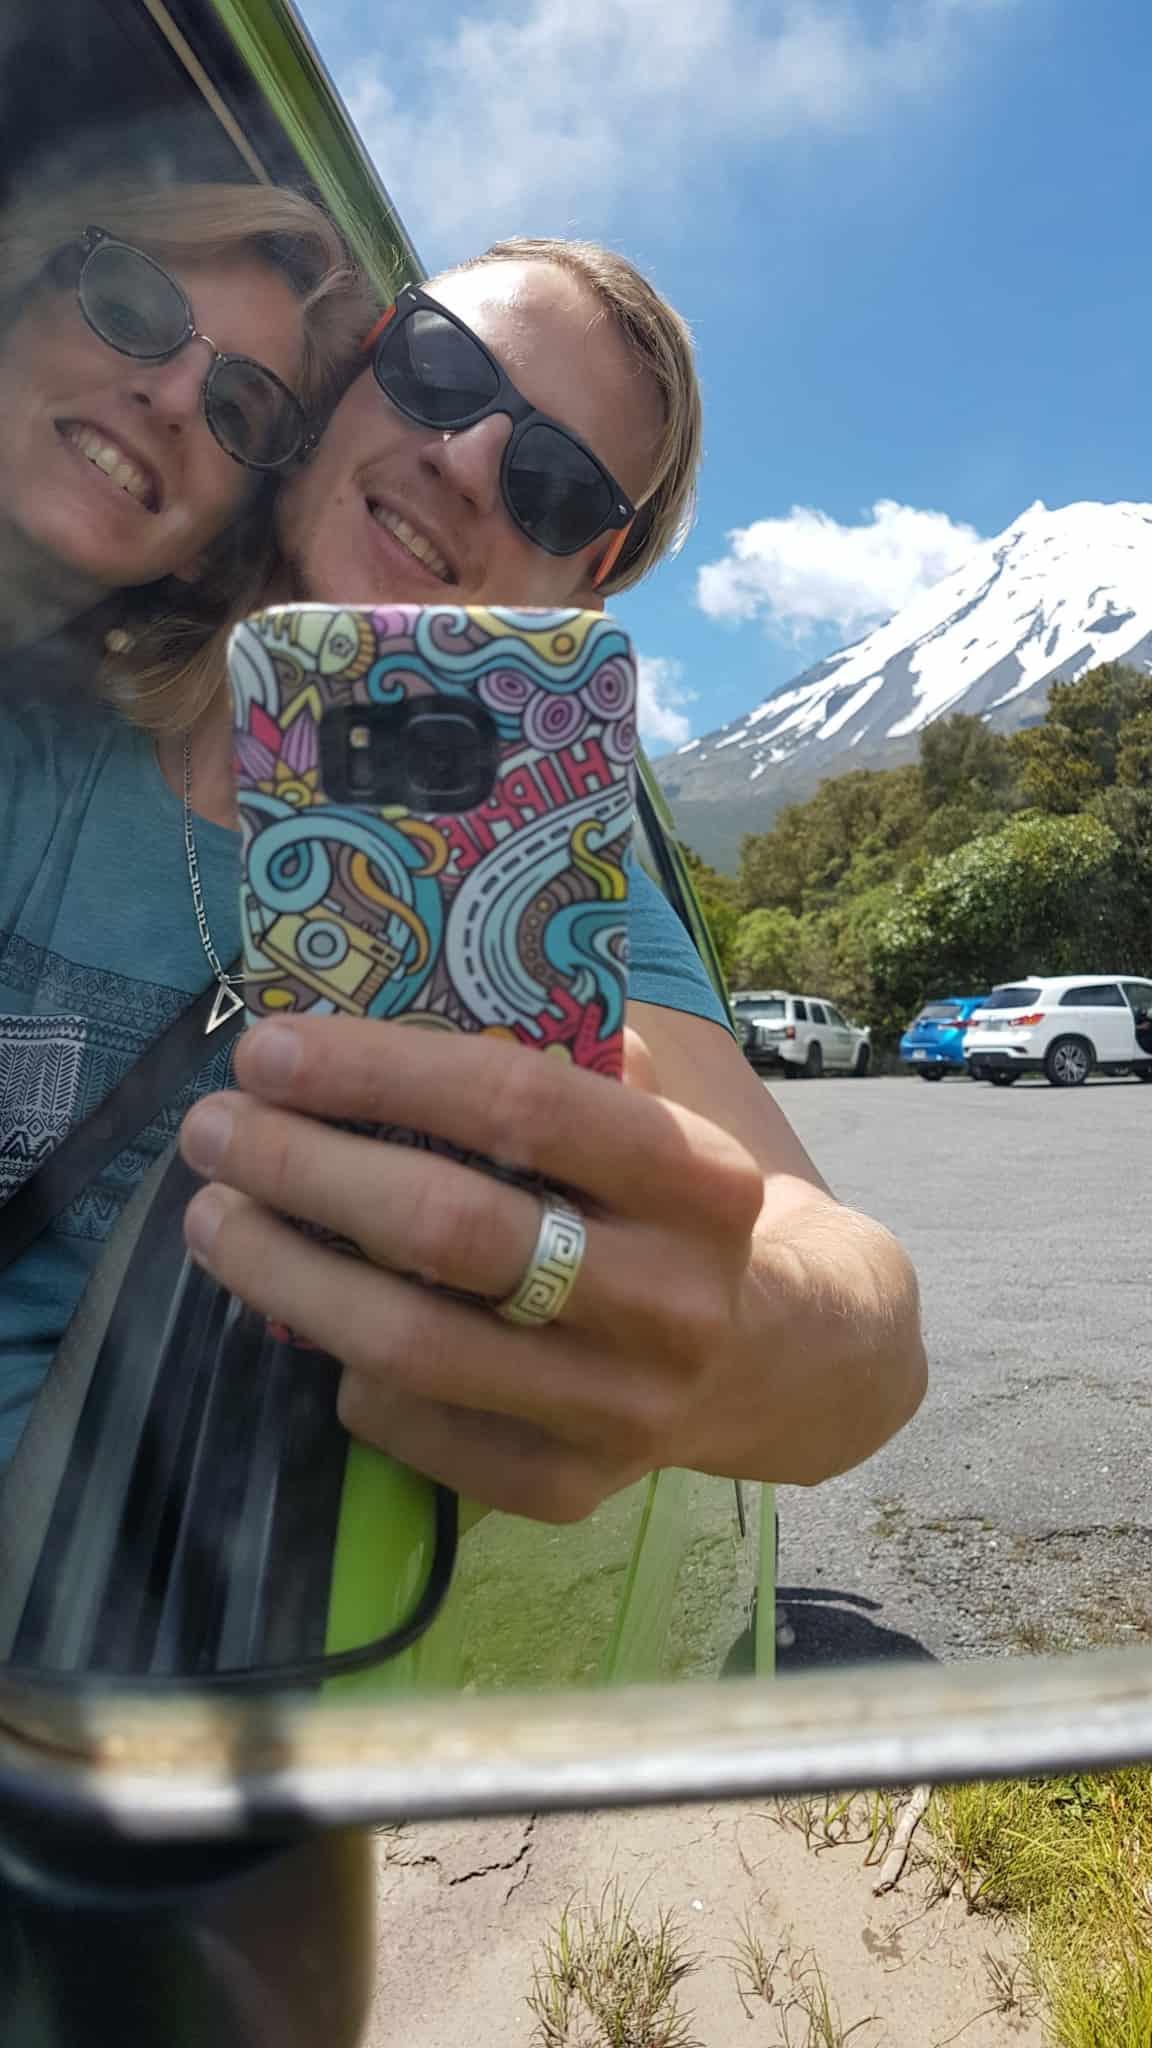 Nouvelle-Zélande, quand ta randonnée se transforme en chasse au trésor dans la jungle 🕵️♂️ 11